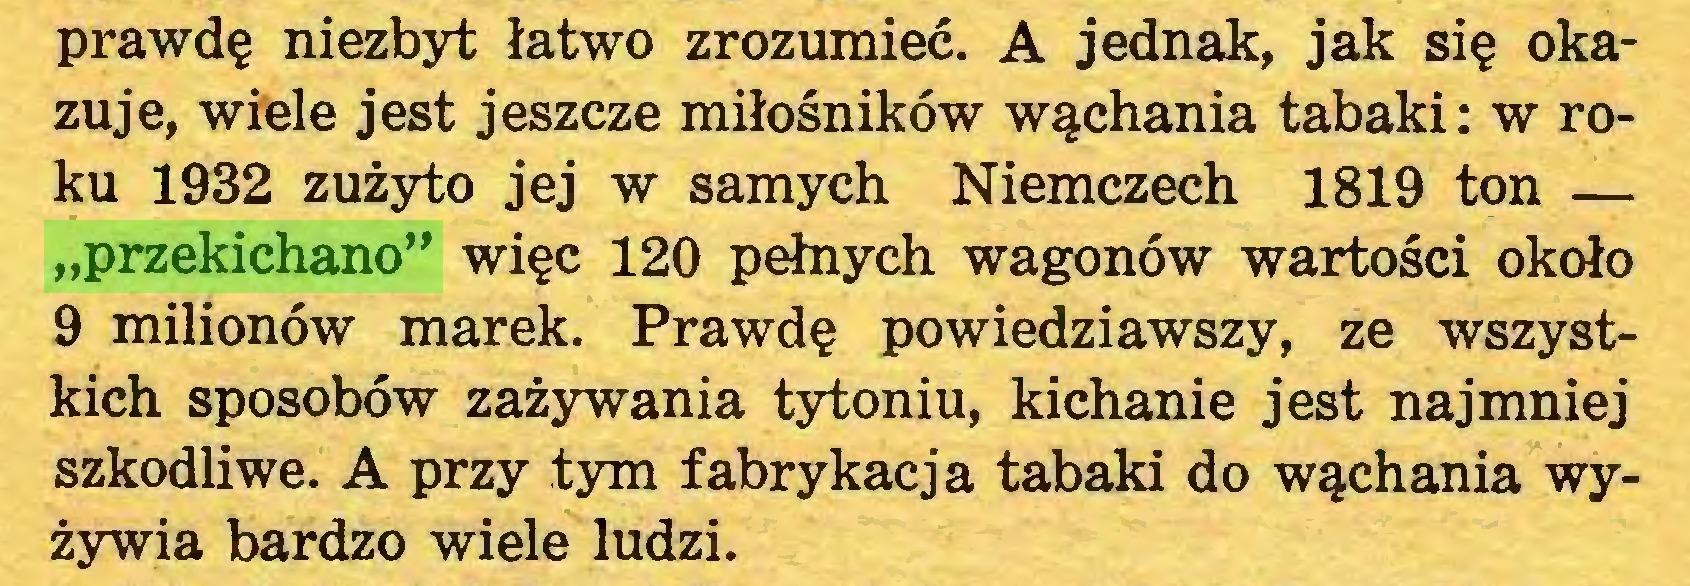 """(...) prawdę niezbyt łatwo zrozumieć. A jednak, jak się okazuje, wiele jest jeszcze miłośników wąchania tabaki: w roku 1932 zużyto jej w samych Niemczech 1819 ton — """"przekichano"""" więc 120 pełnych wagonów wartości około 9 milionów marek. Prawdę powiedziawszy, ze wszystkich sposobów zażywania tytoniu, kichanie jest najmniej szkodliwe. A przy tym fabrykacja tabaki do wąchania wyżywia bardzo wiele ludzi..."""